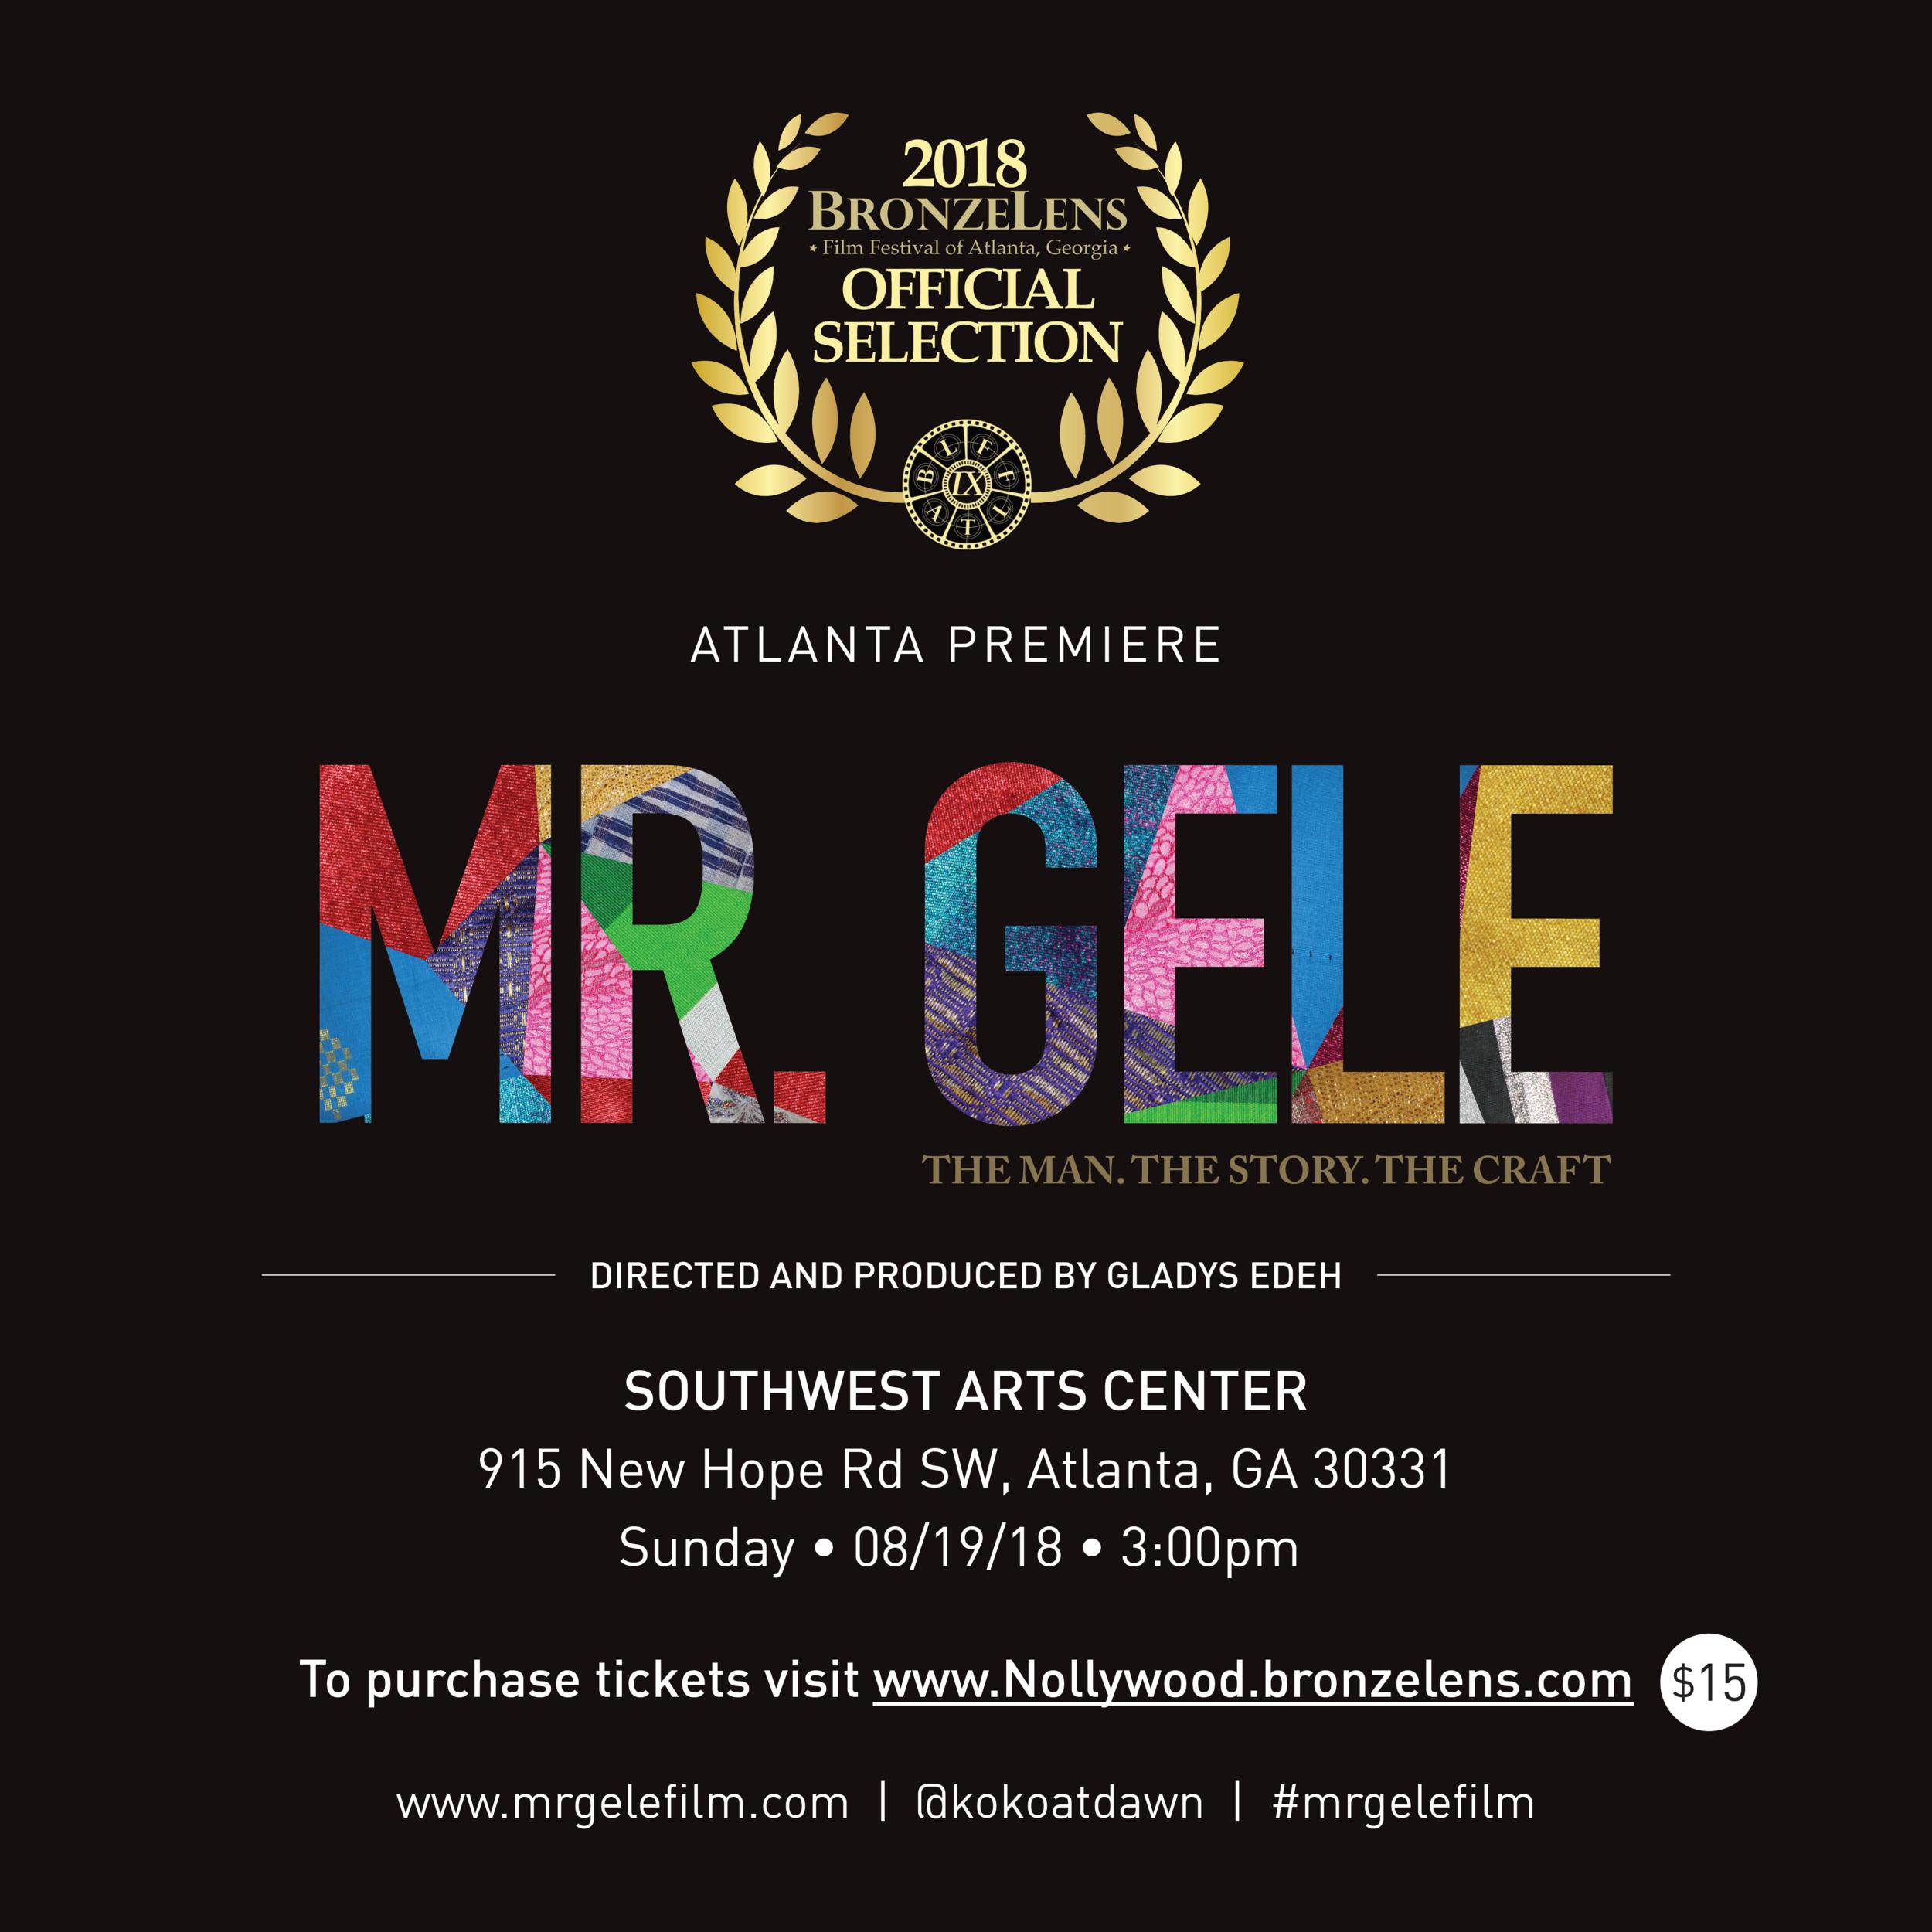 MR.GELE_SM_BronzeLensOfficalSelection-01.png